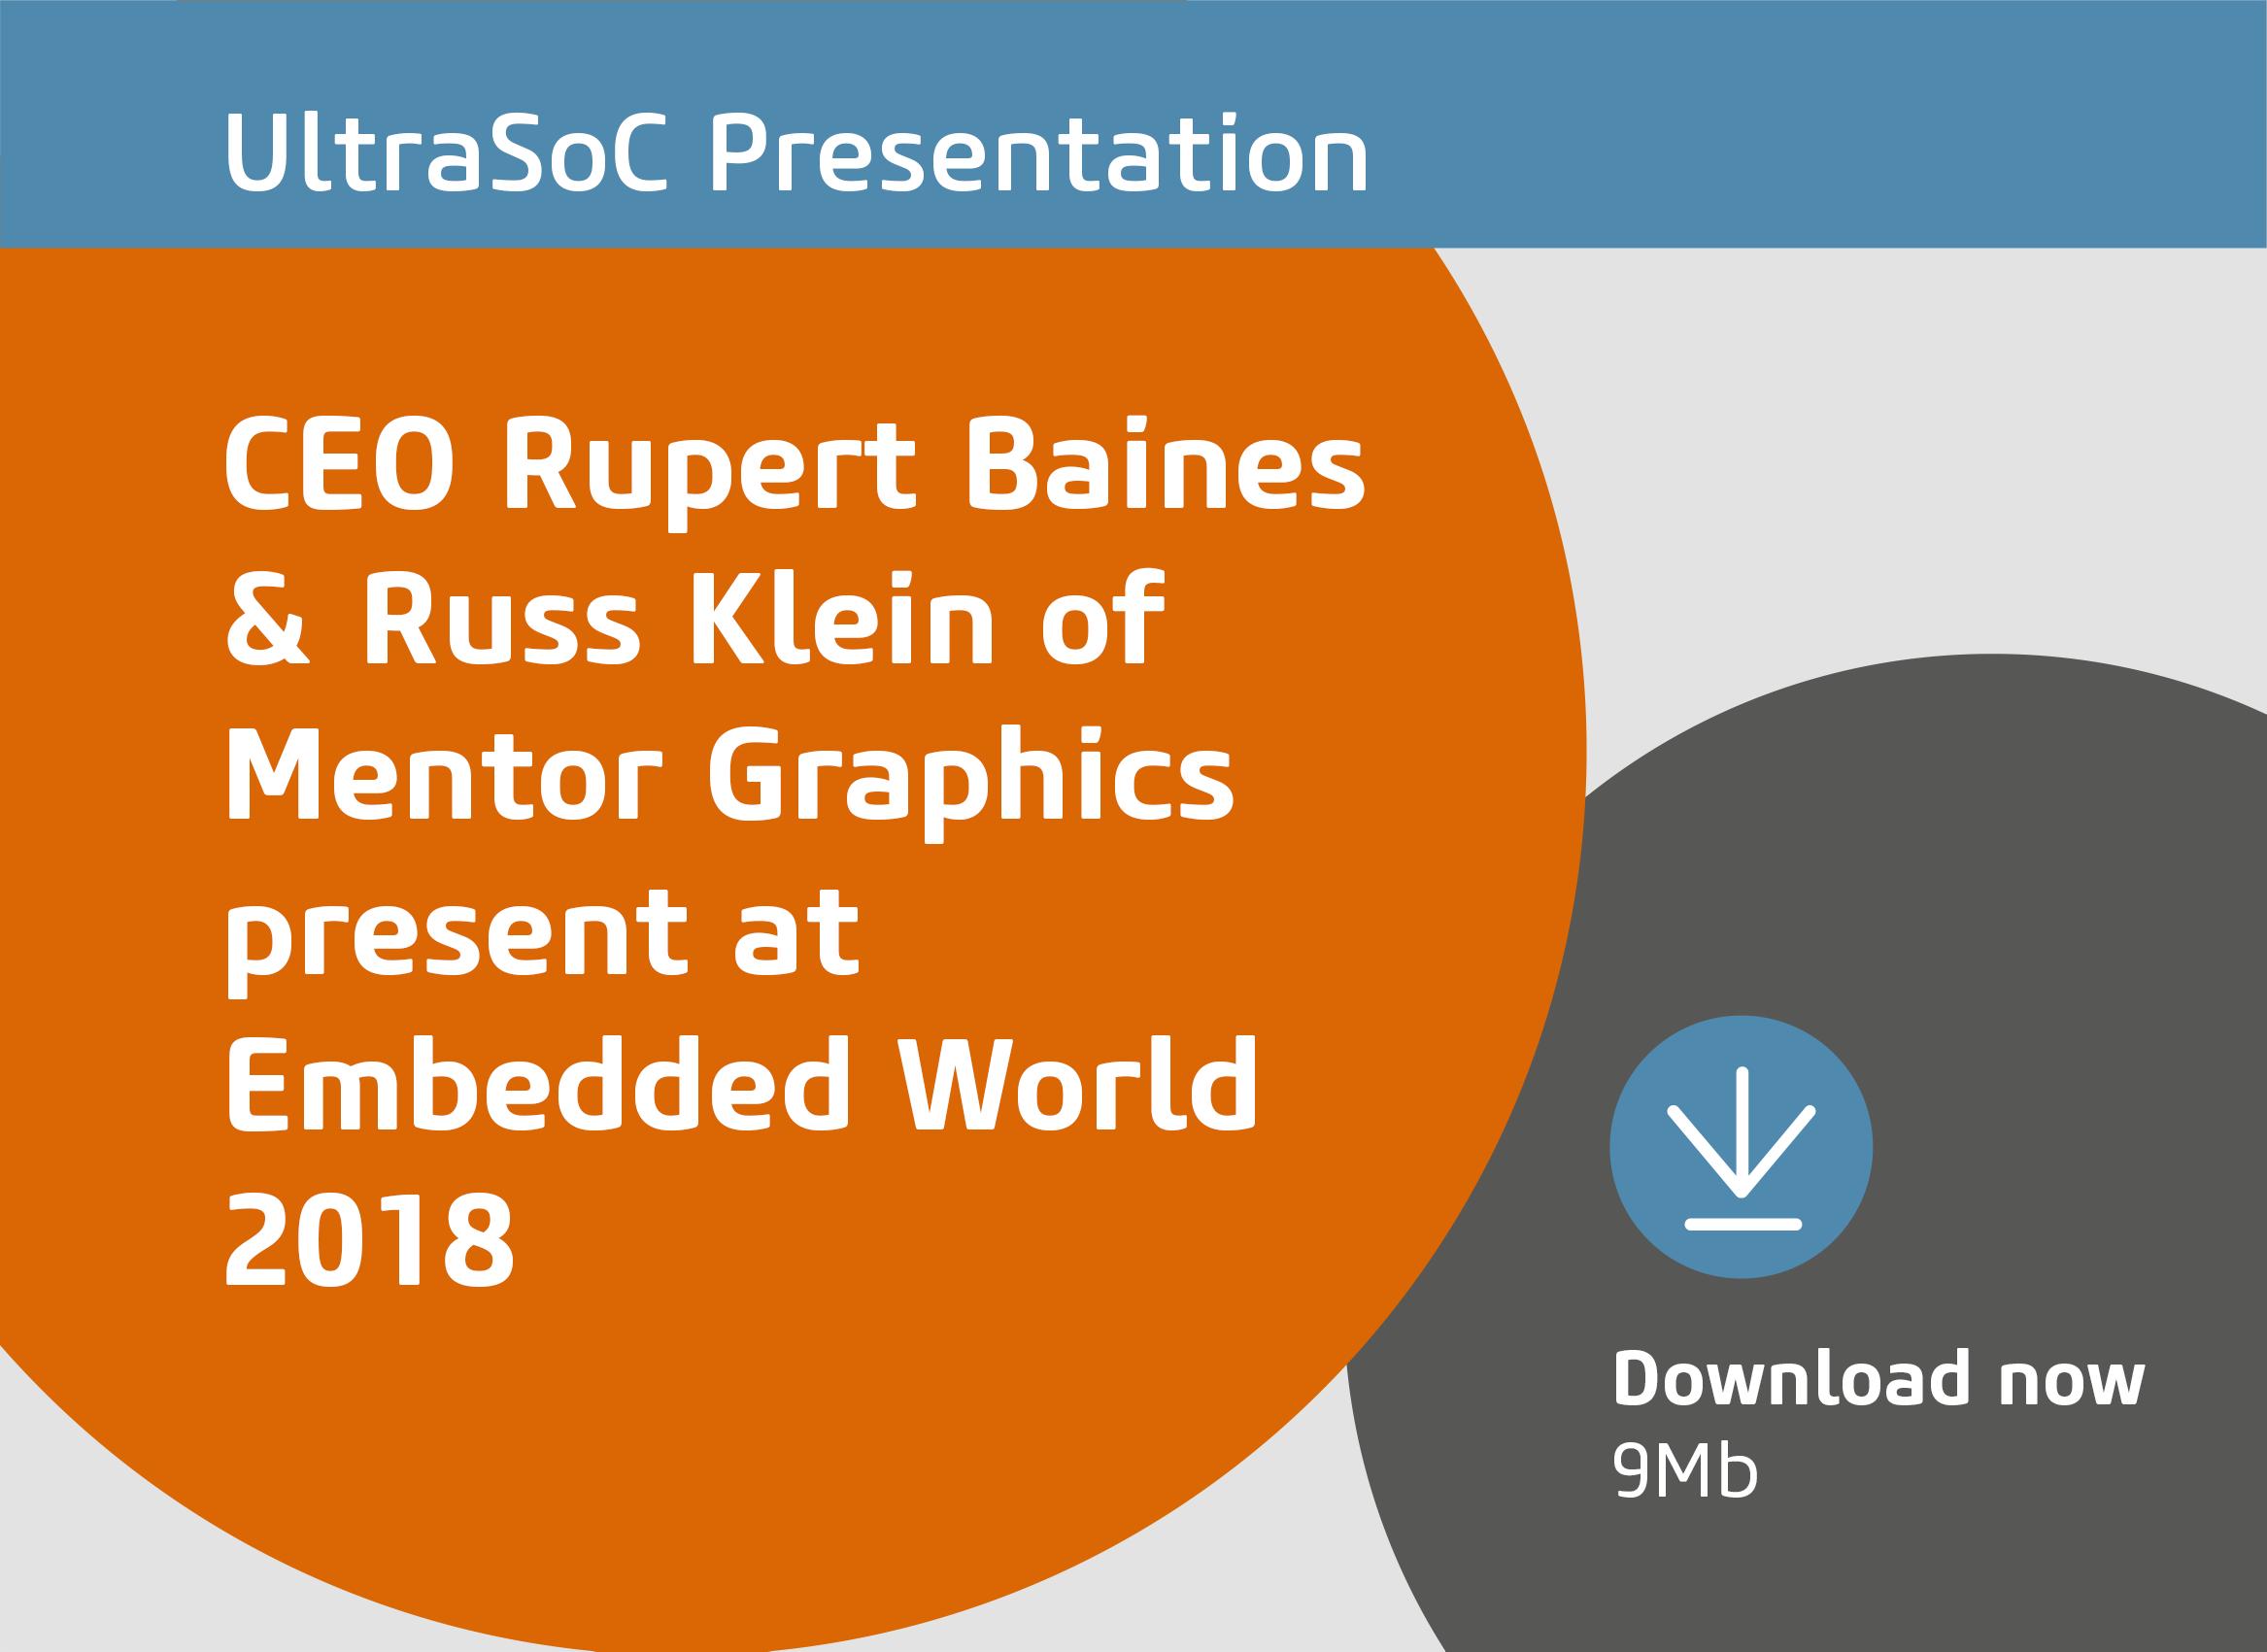 Download link to UltraSoC/Mentor presentation